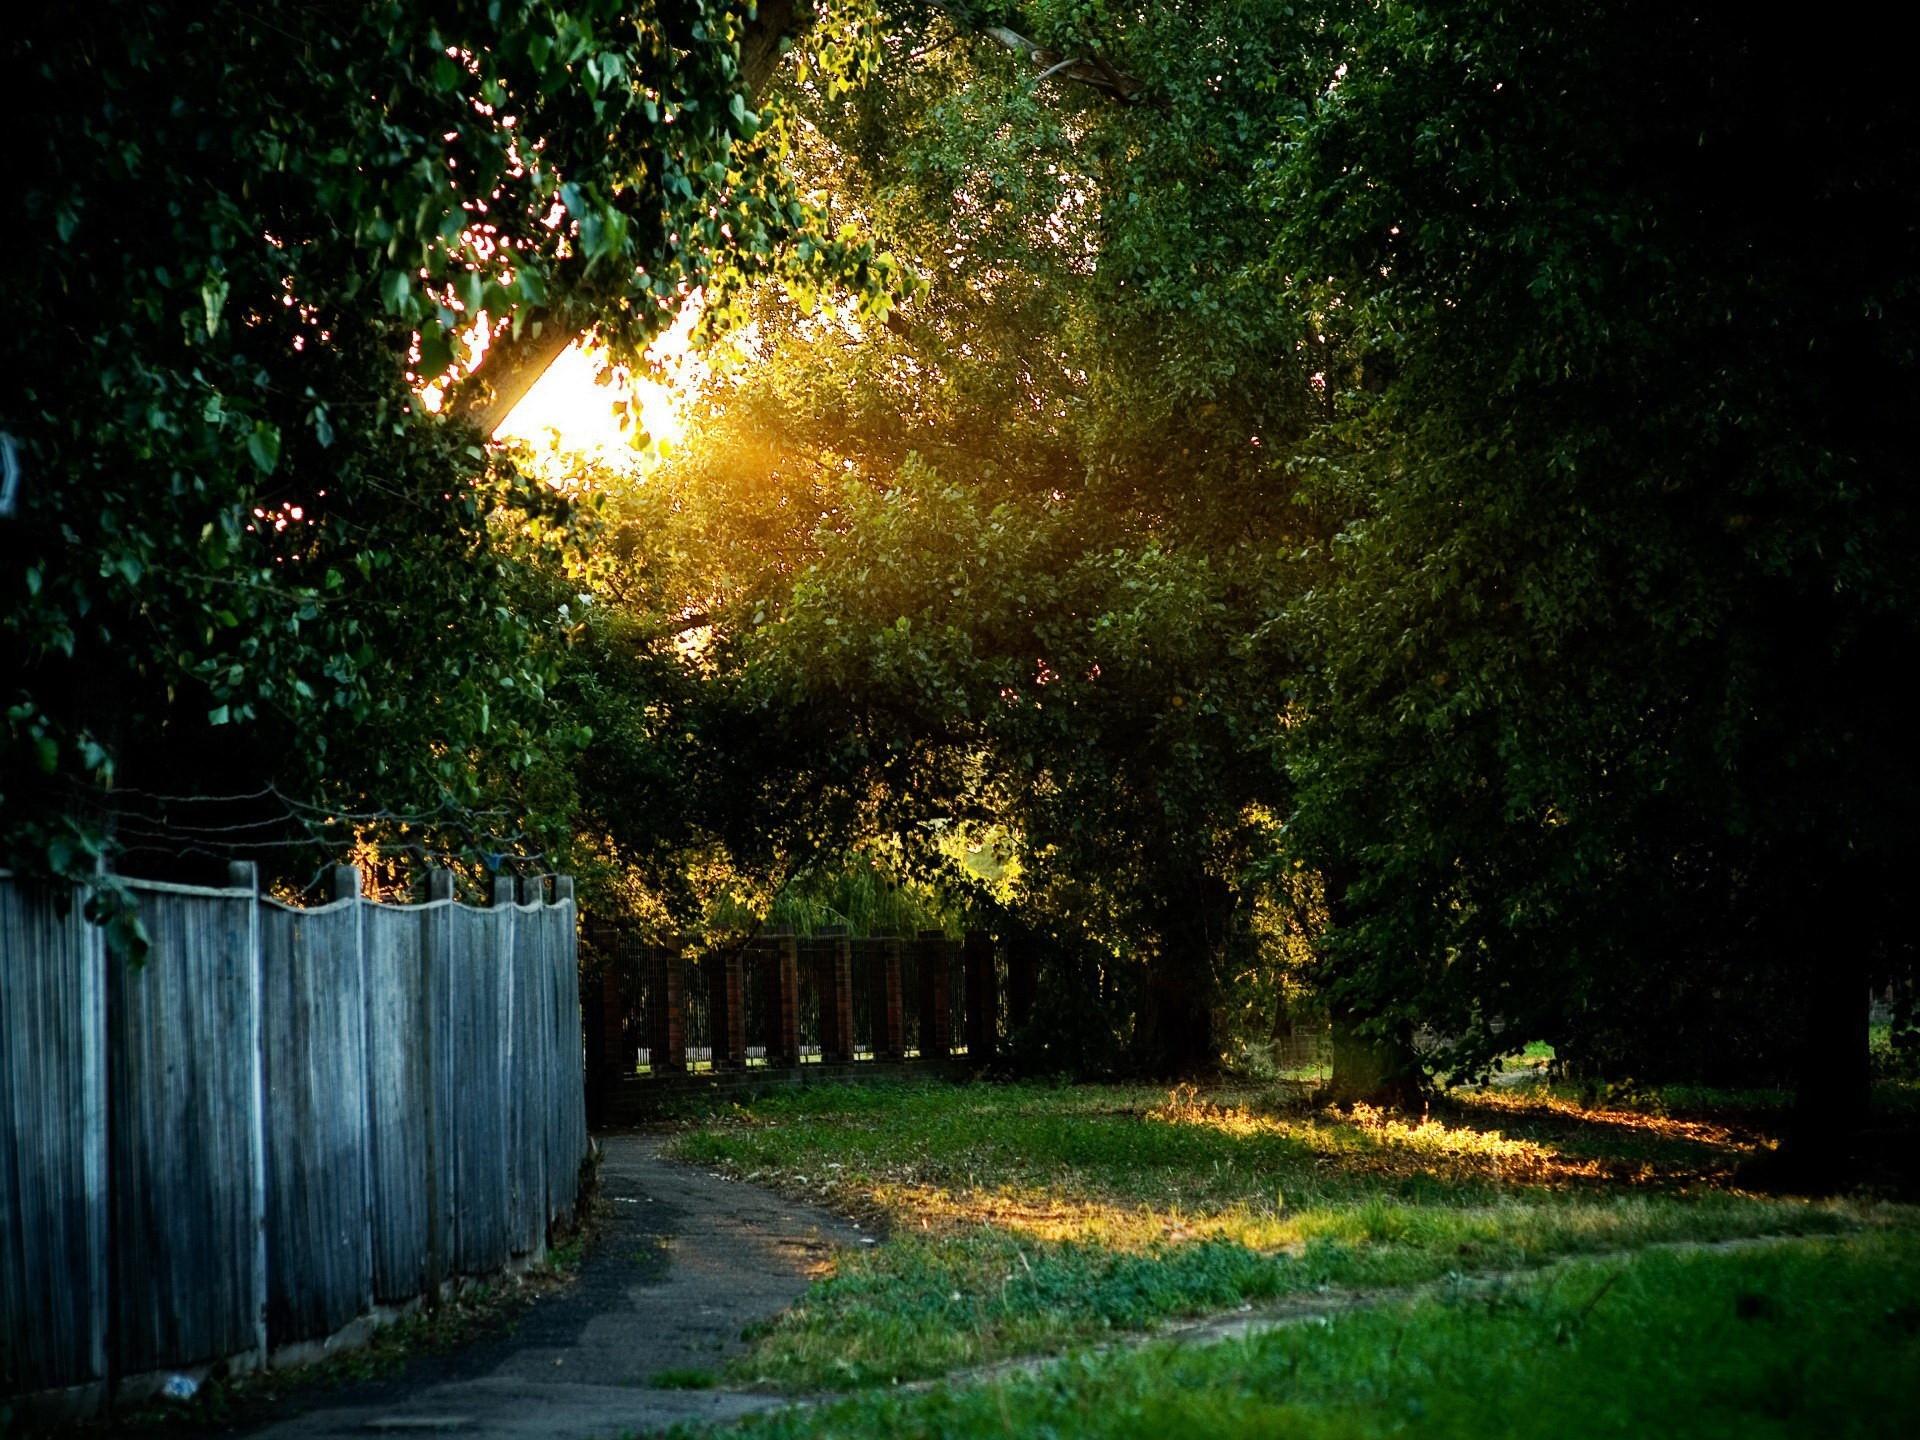 Hintergrundbilder : Zaun, Spur, Bäume, Draht, Garten, Schutz ...